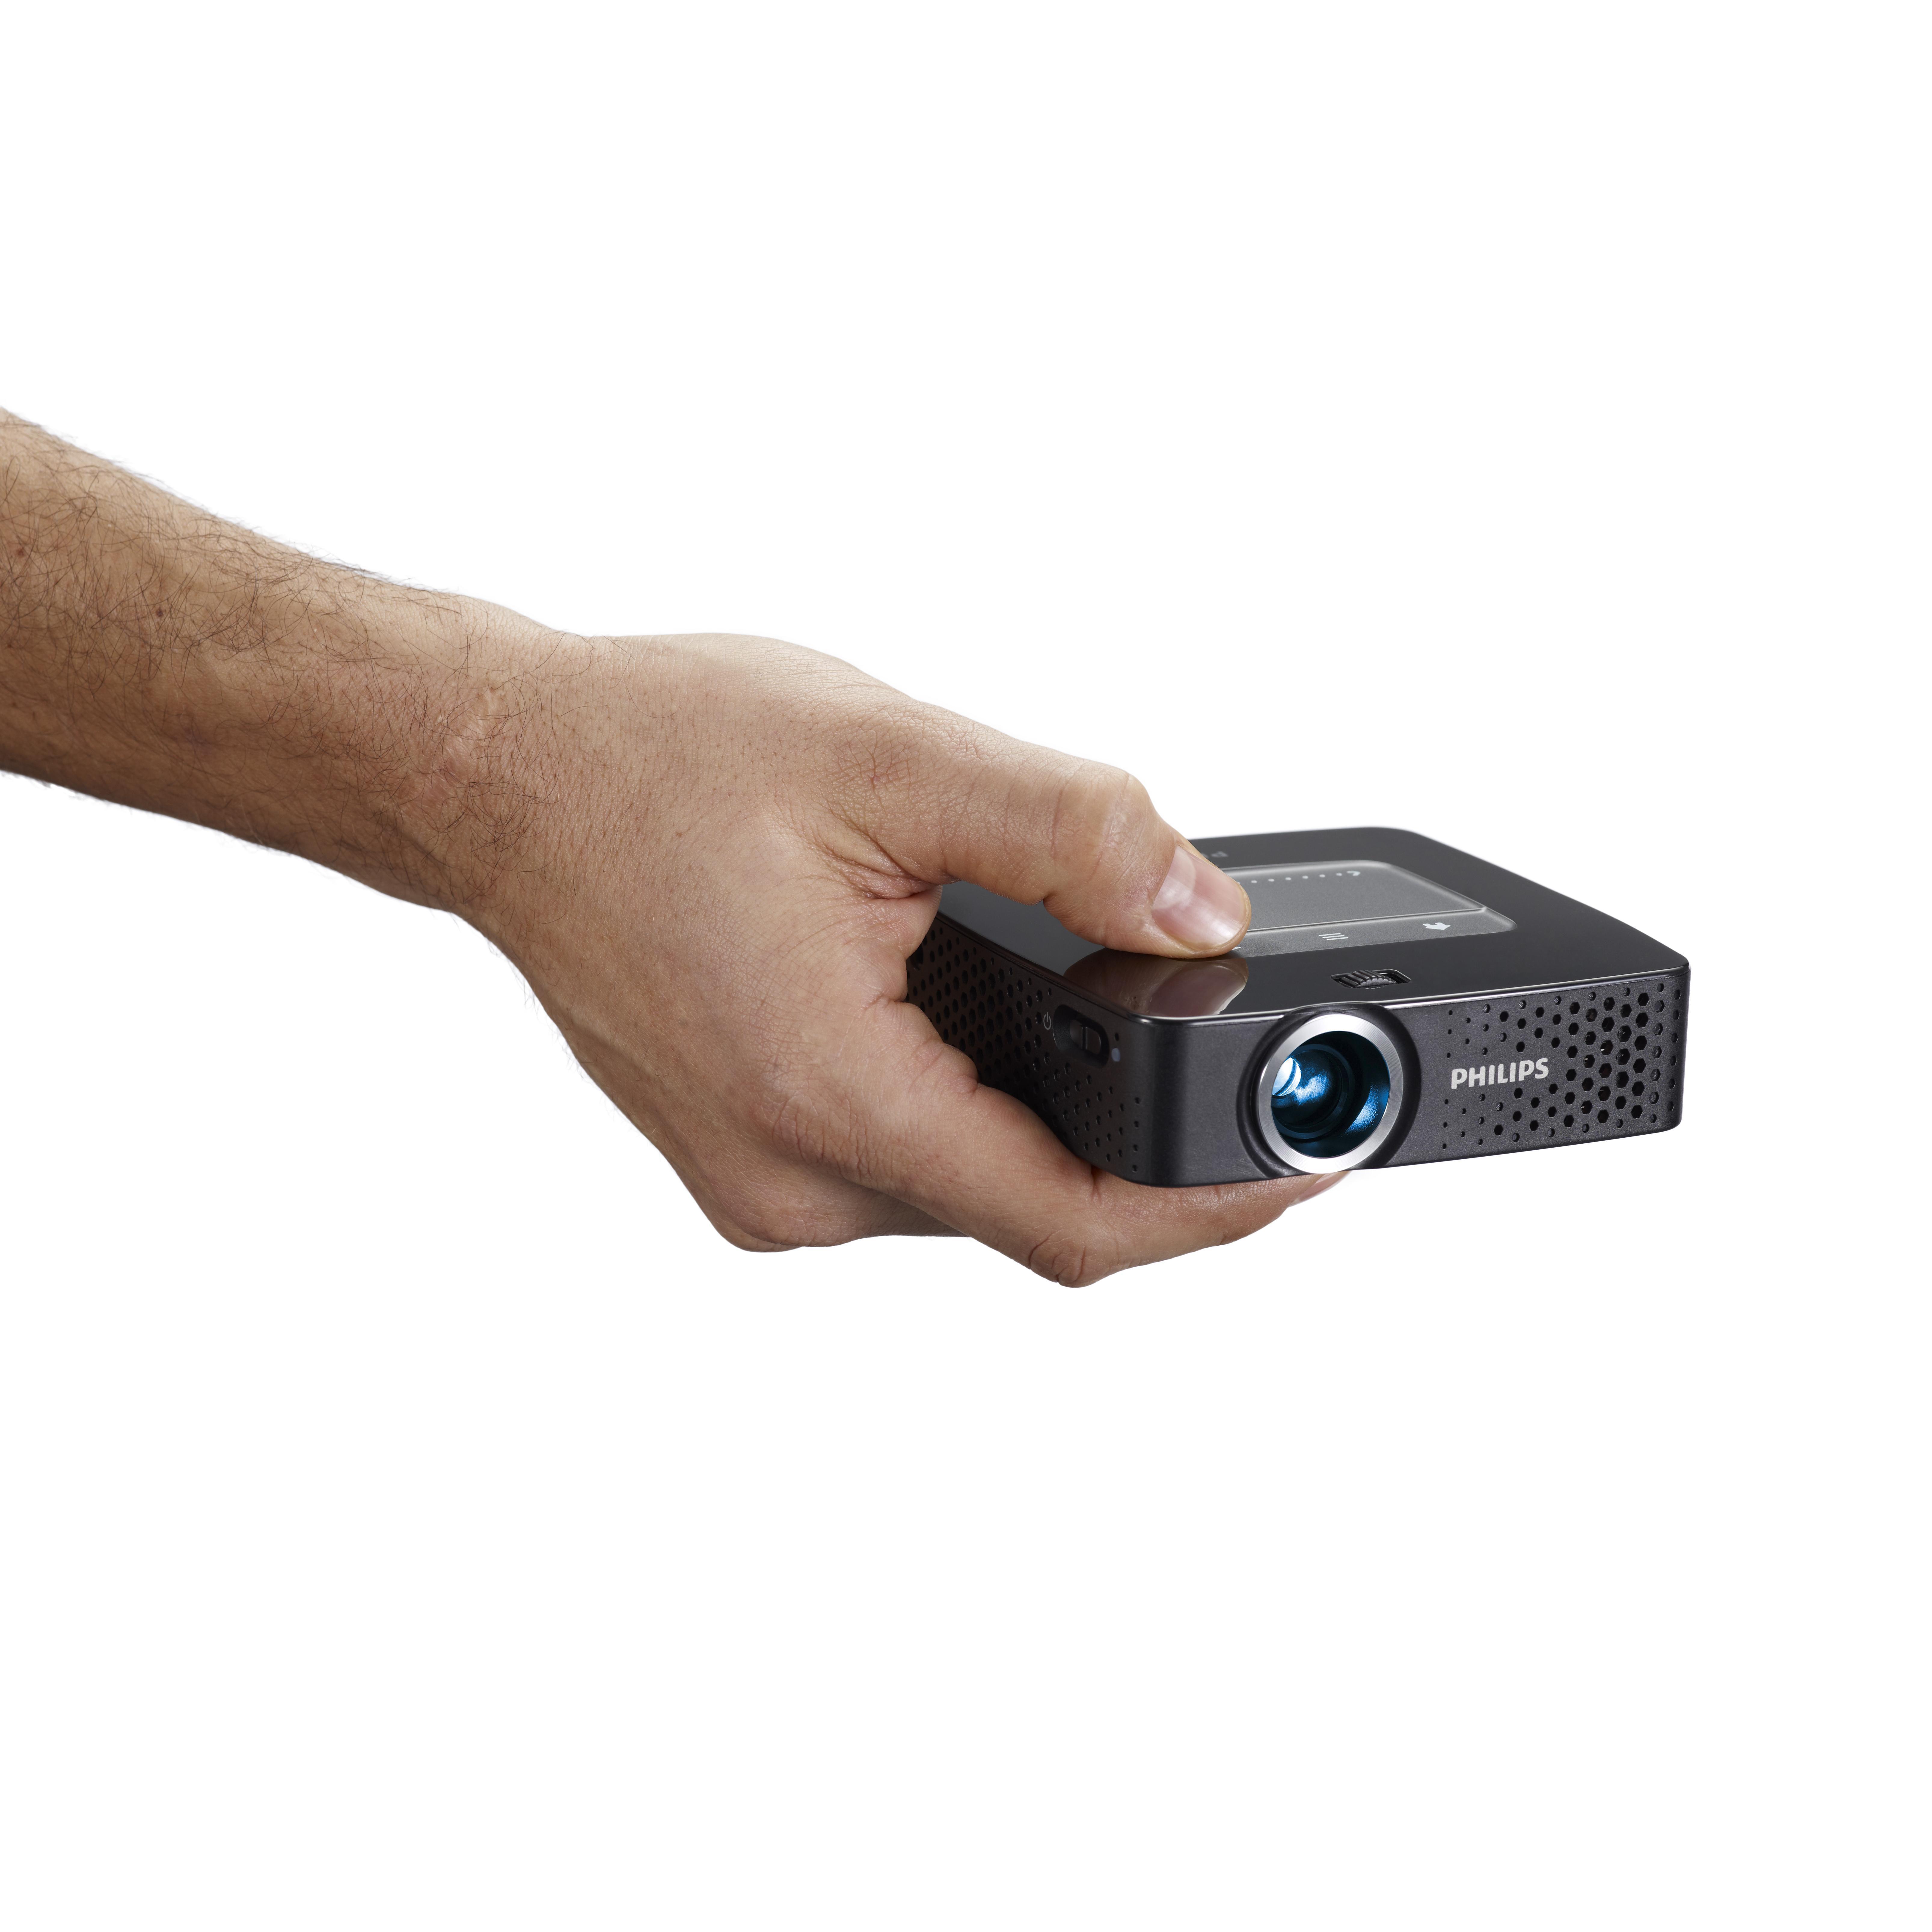 Vidéo-projecteur Philips Picopix PPX3610